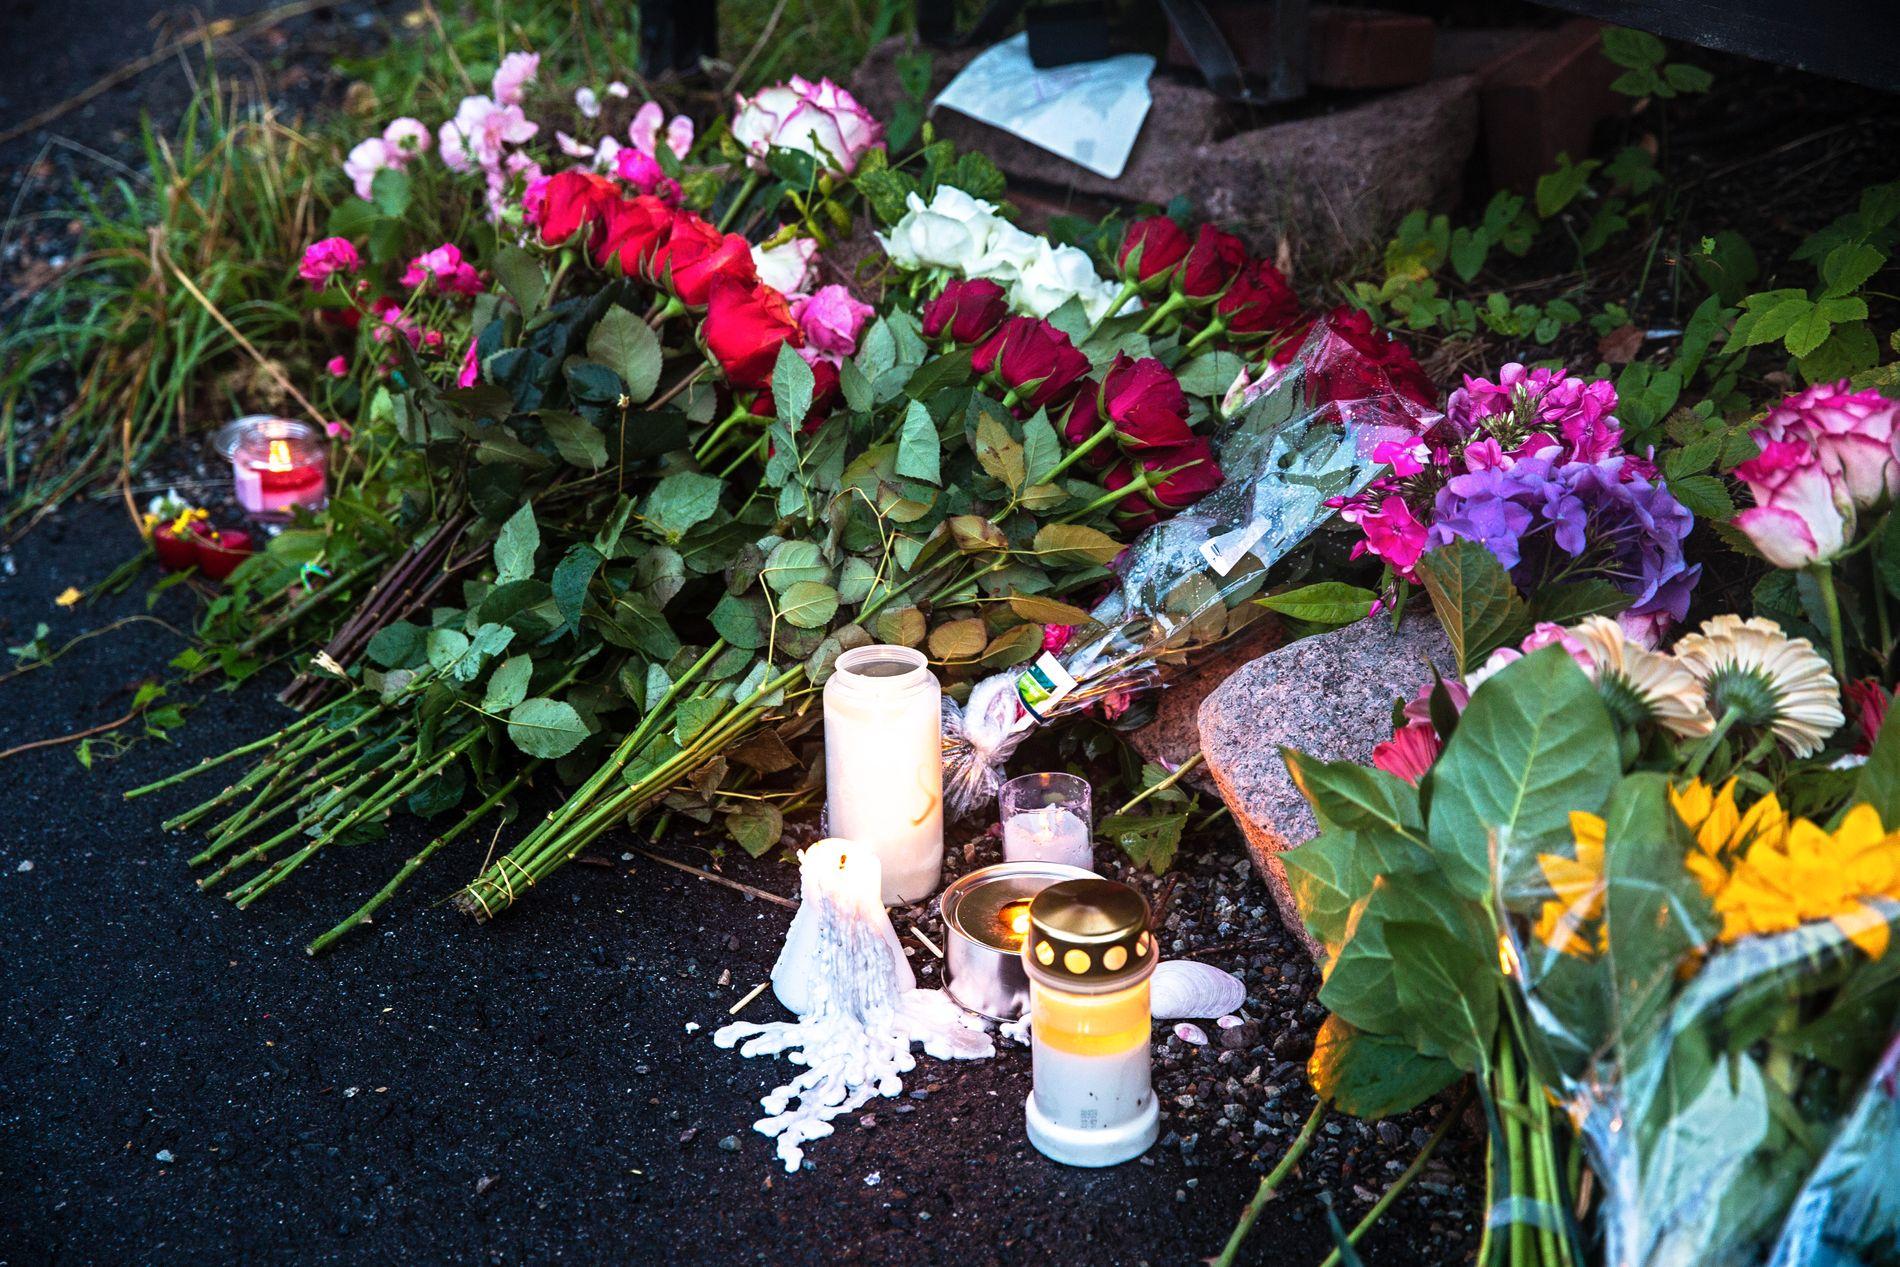 BLOMSTER: Flere har lagt ned blomster ved boligen til den drepte